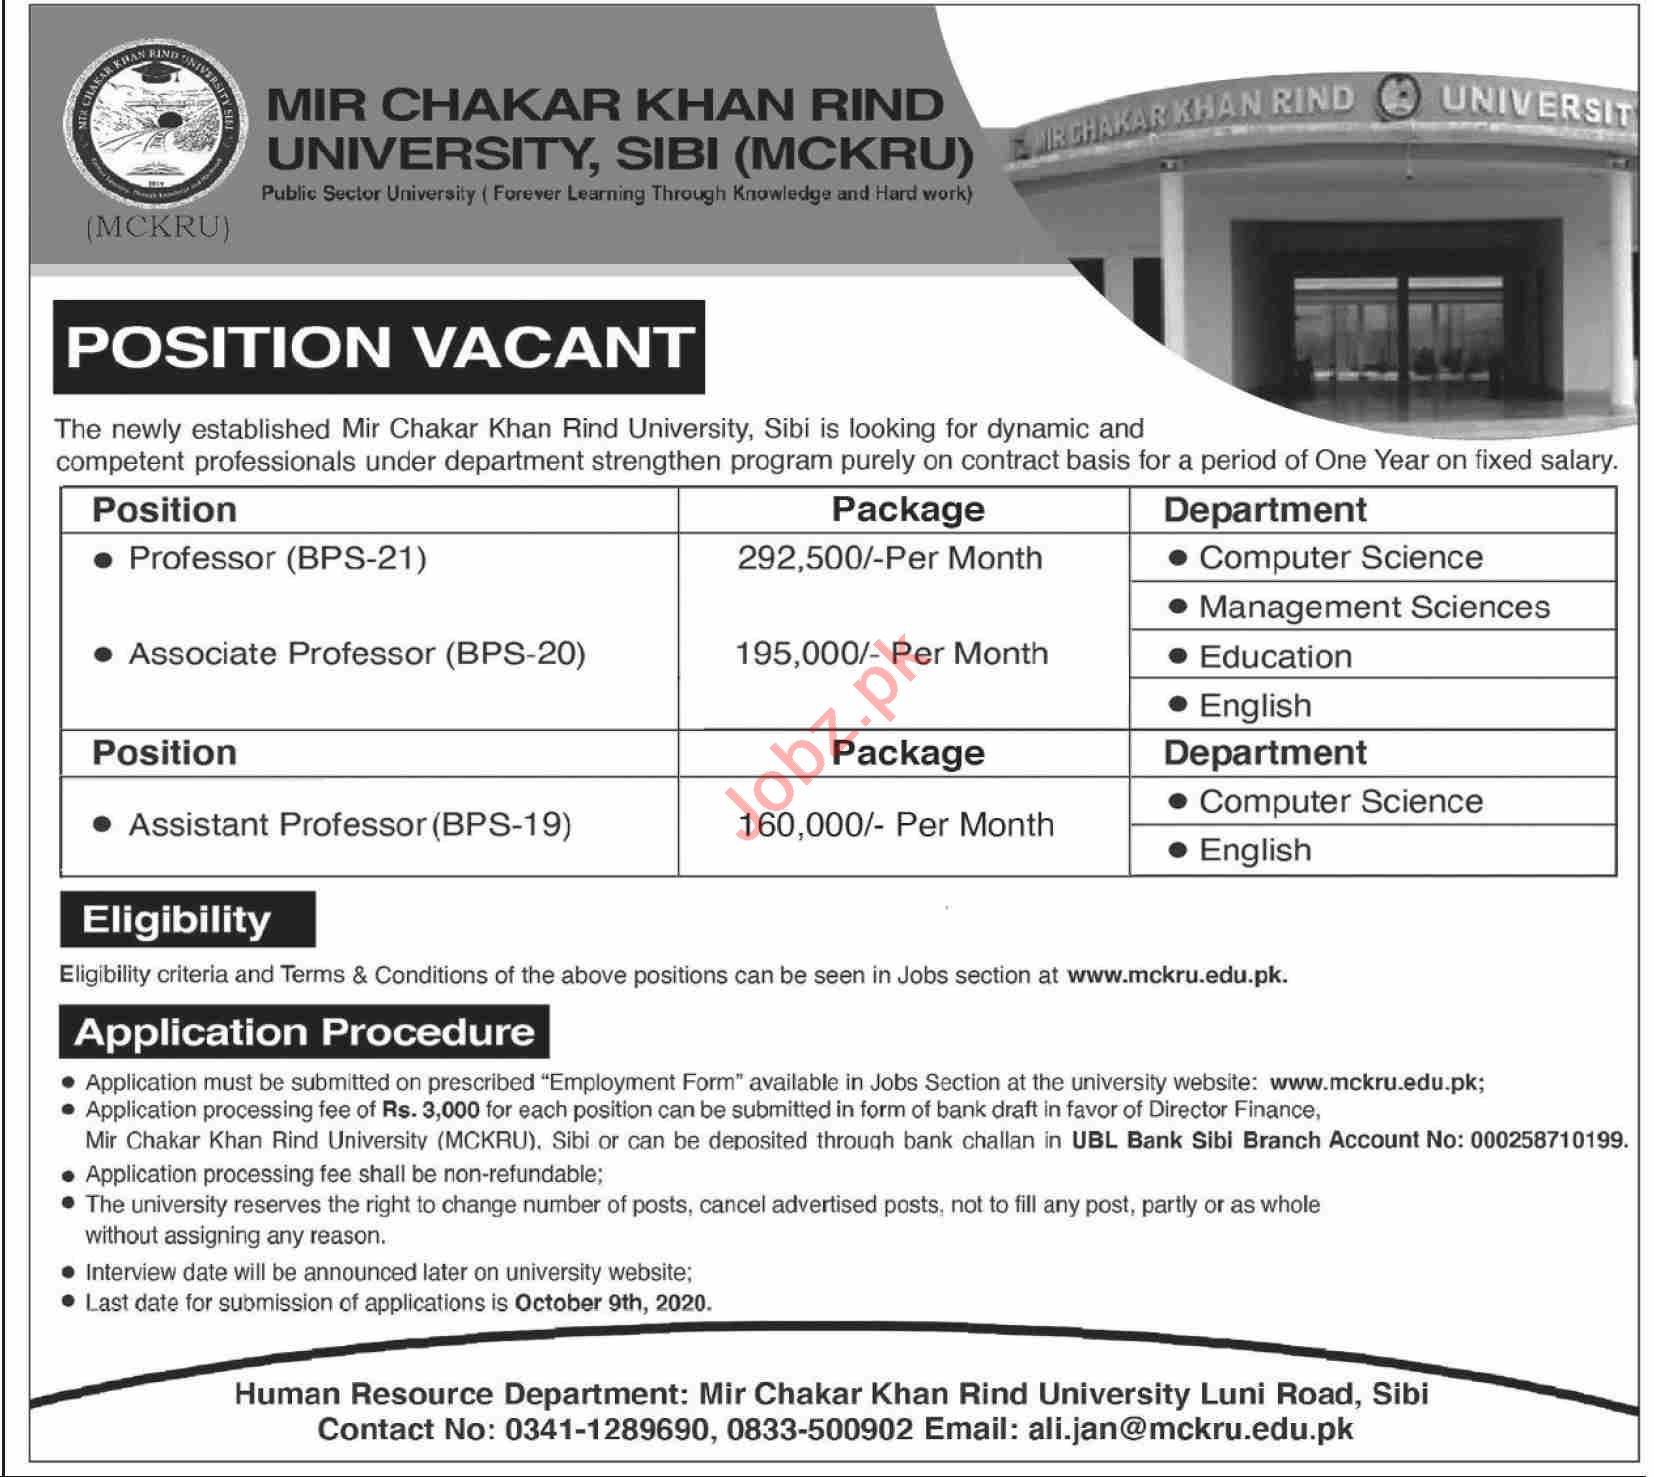 Mir Chakar Khan Rind University MCKRU Sibi Jobs 2020